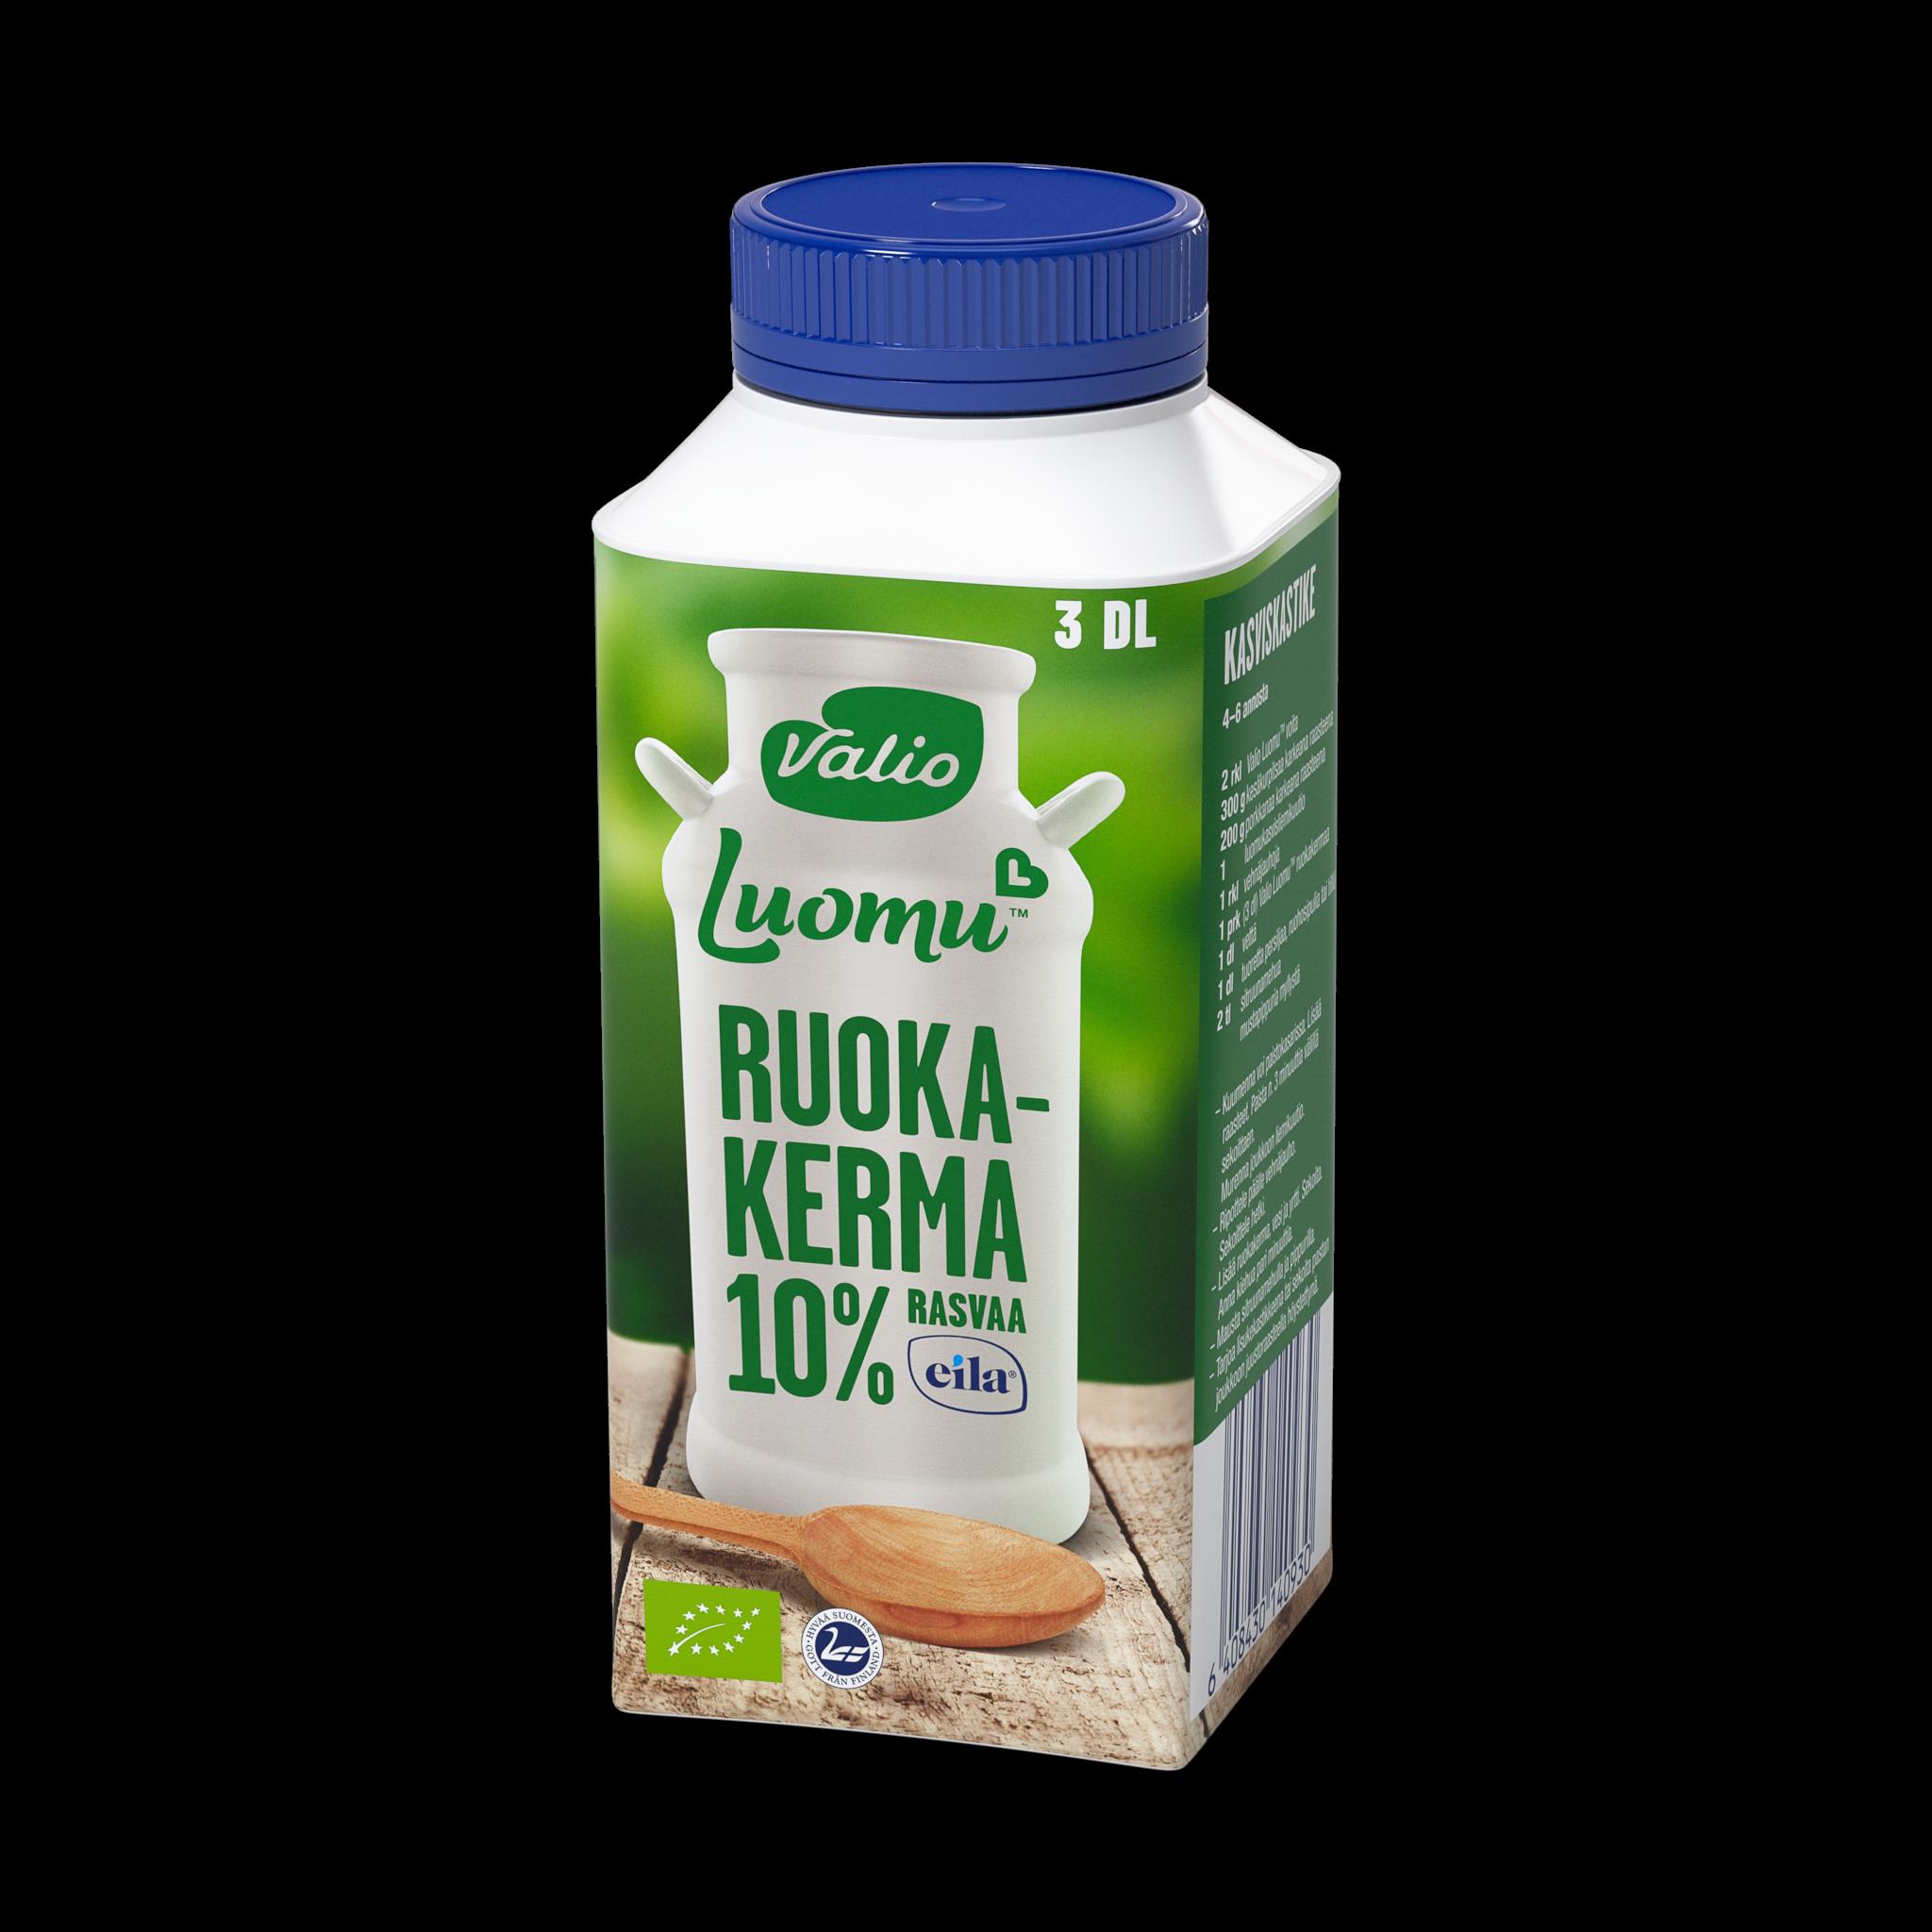 Valio Luomu™ ruokakerma 10 % laktoositon